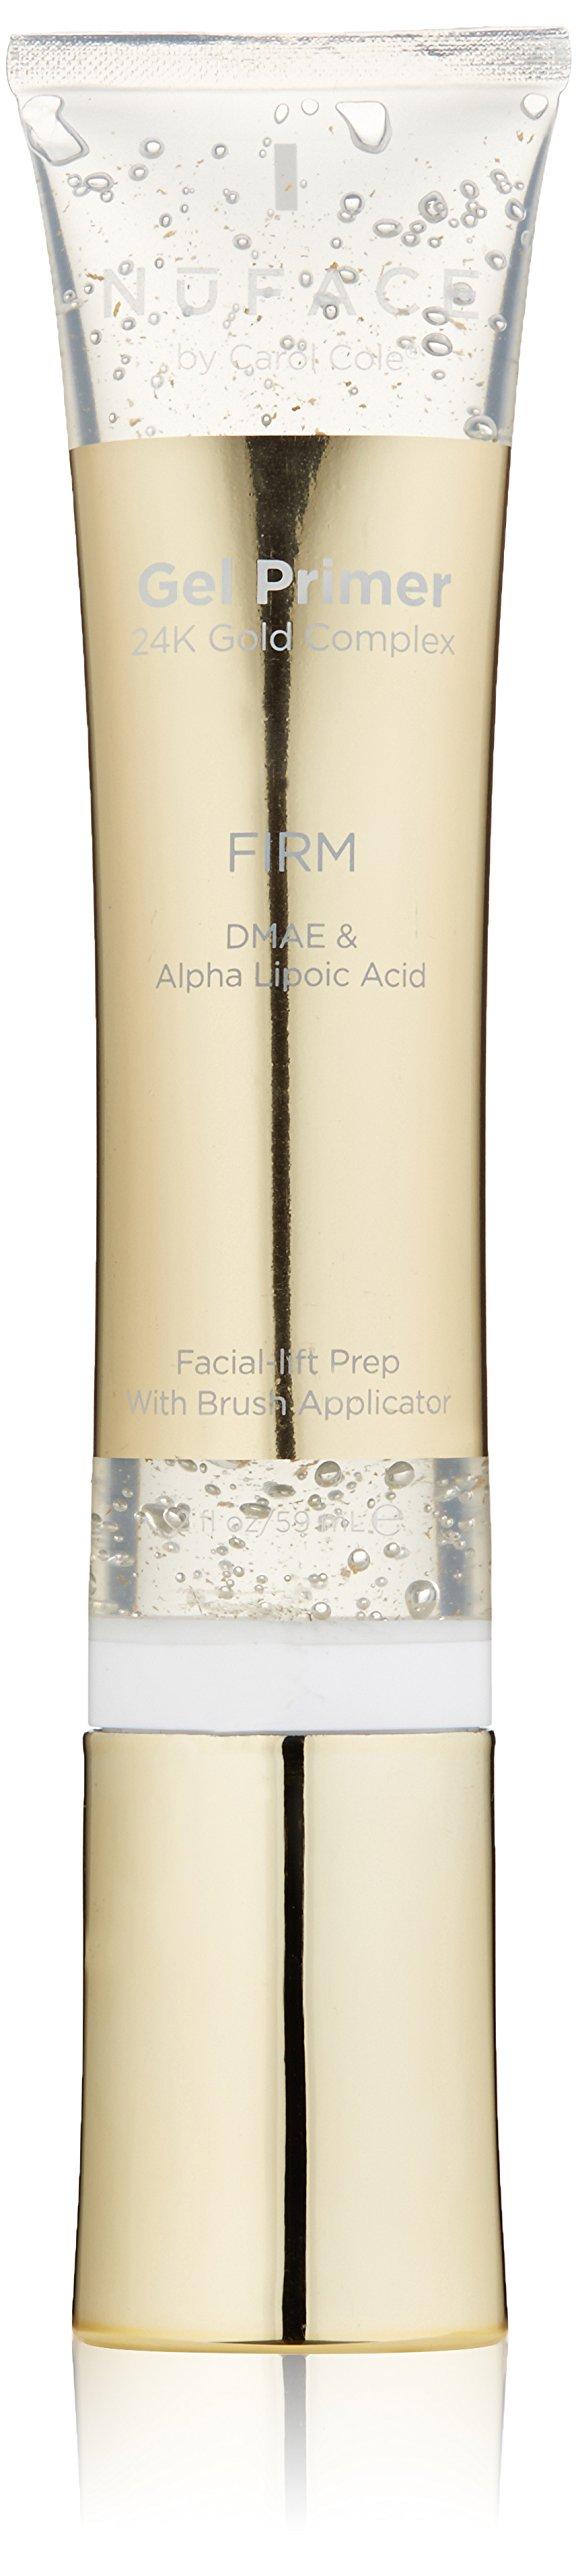 NuFACE 24K Gold Firm Fragrance-Free Primer Gel, 2 oz.